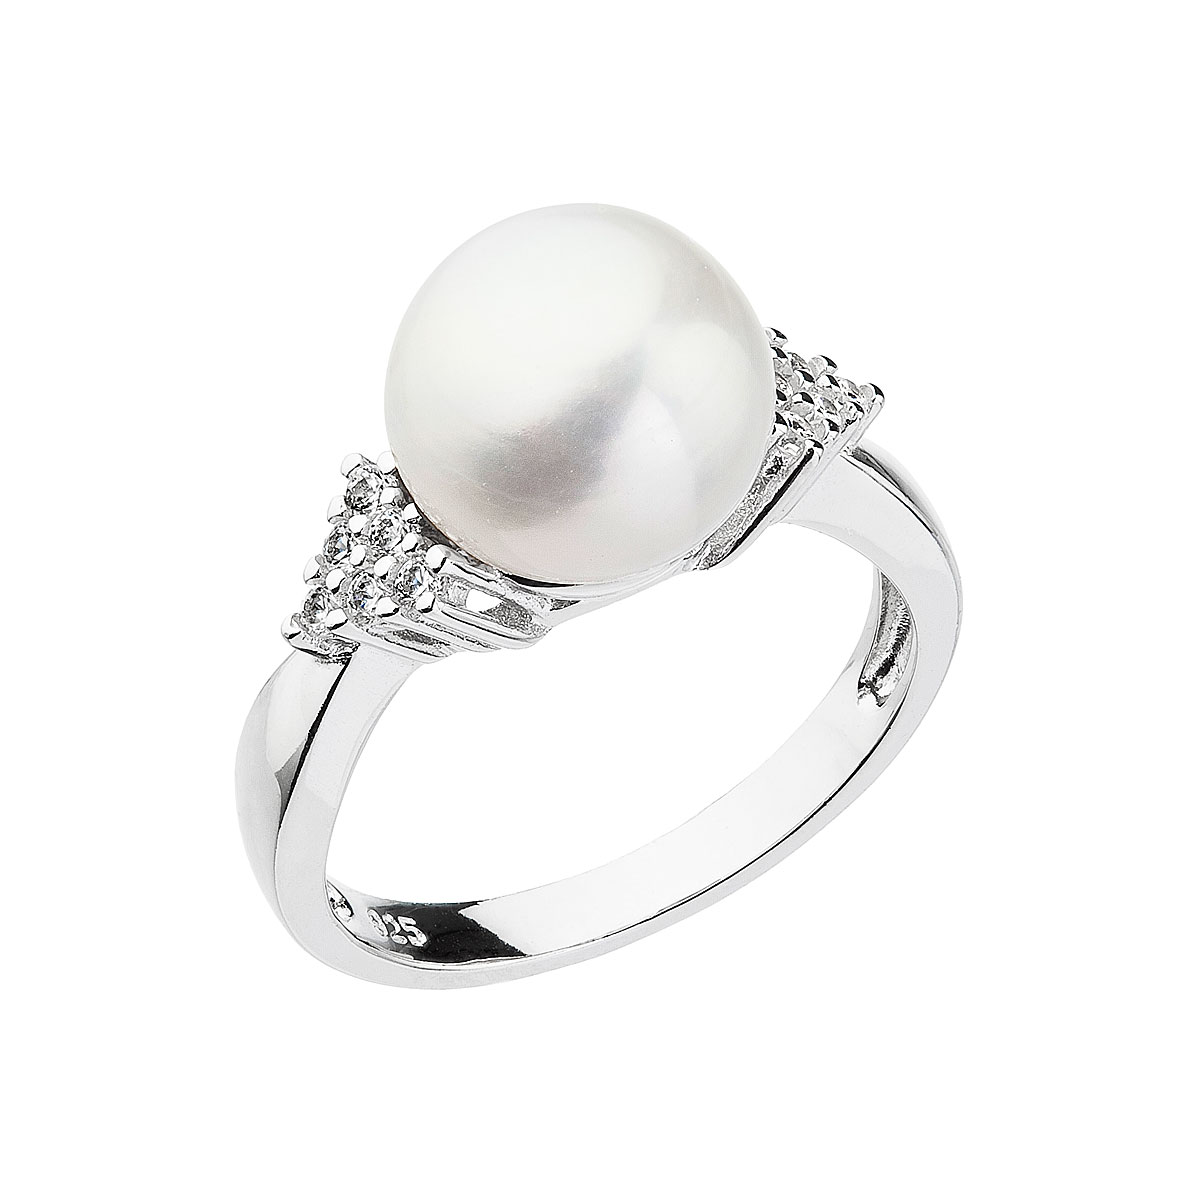 Strieborný prsteň s bielou riečnou perlou 25002.1